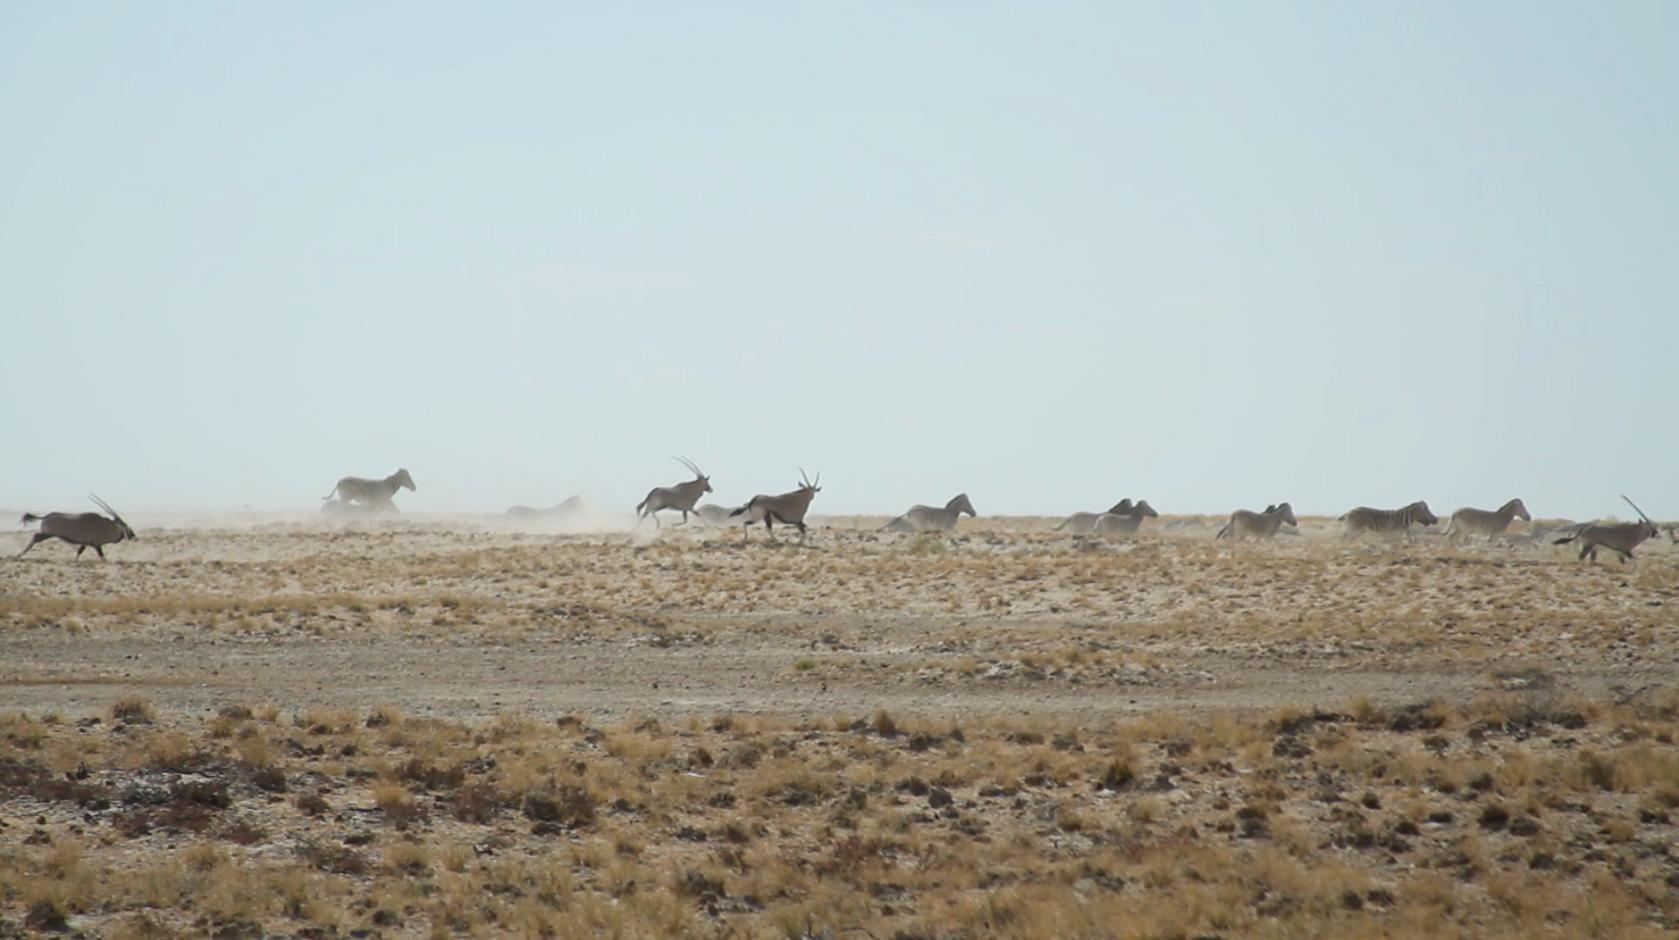 Oryx running in Etosha National Park, Namibia.